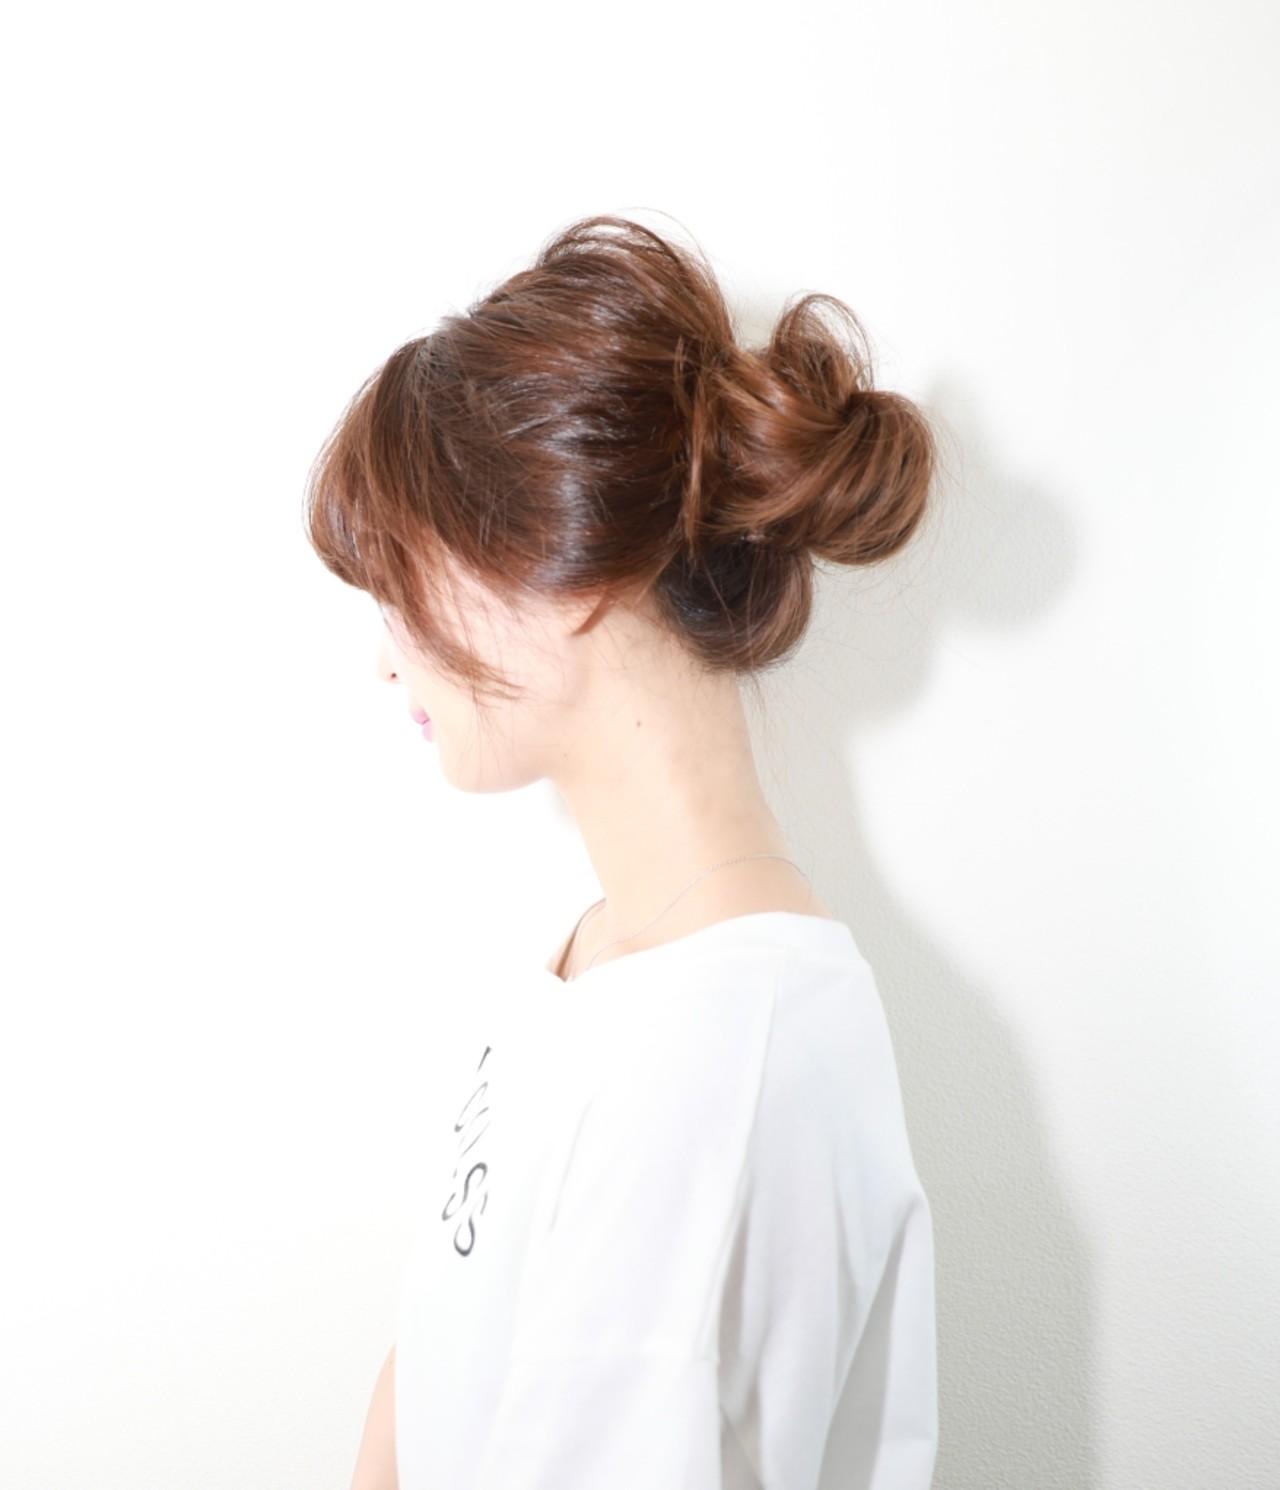 ヘアアレンジ 色気 抜け感 夏 ヘアスタイルや髪型の写真・画像